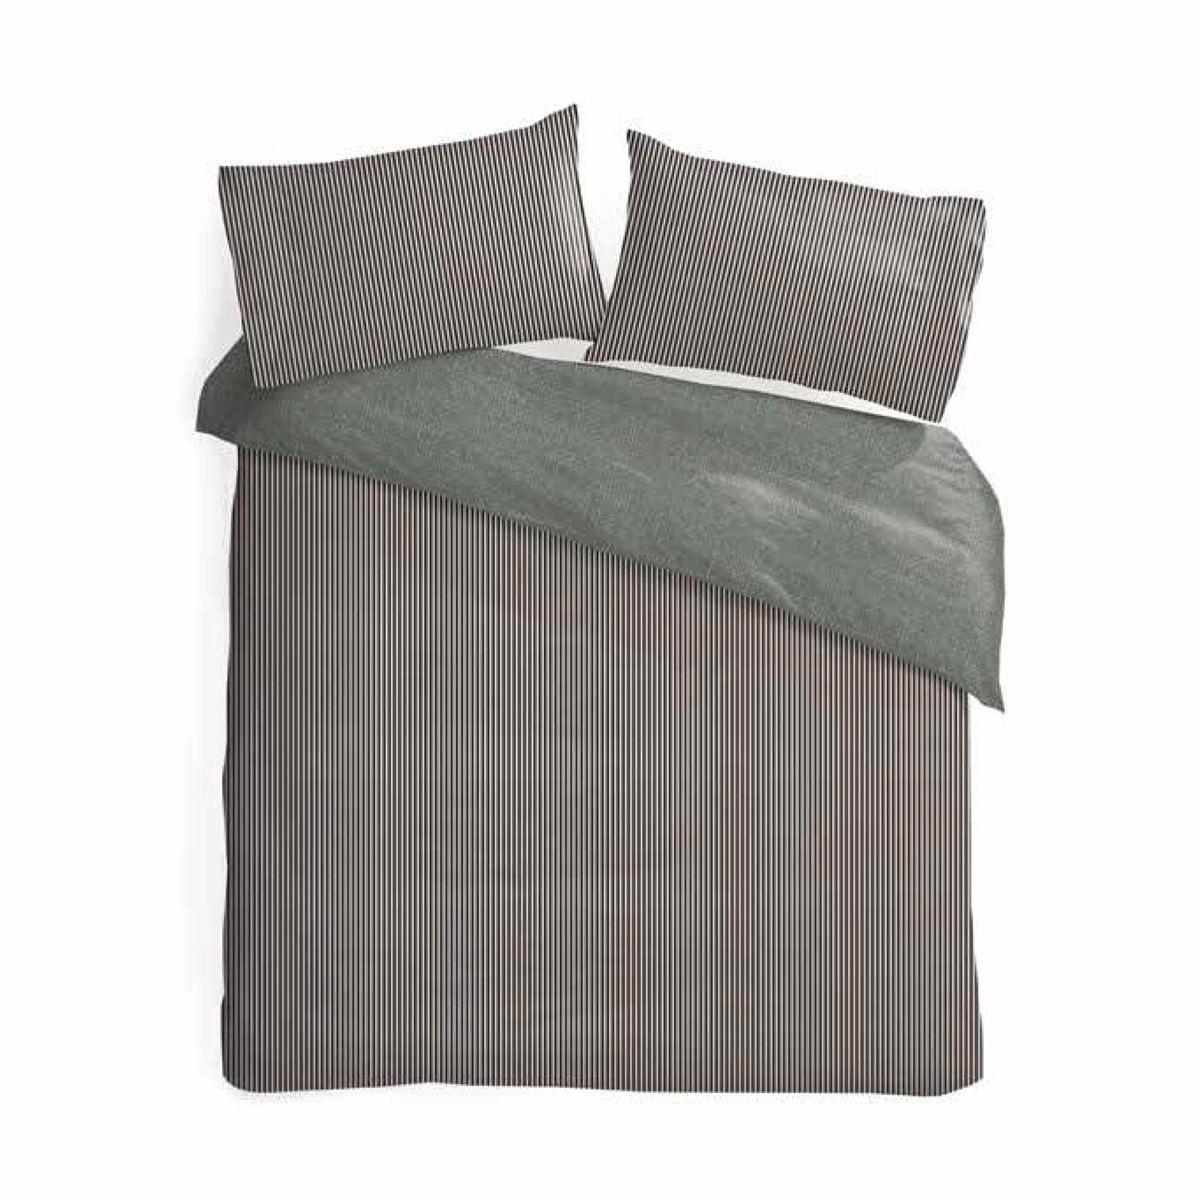 Natural Aspen QB Reversible Quilt Cover Set - $18